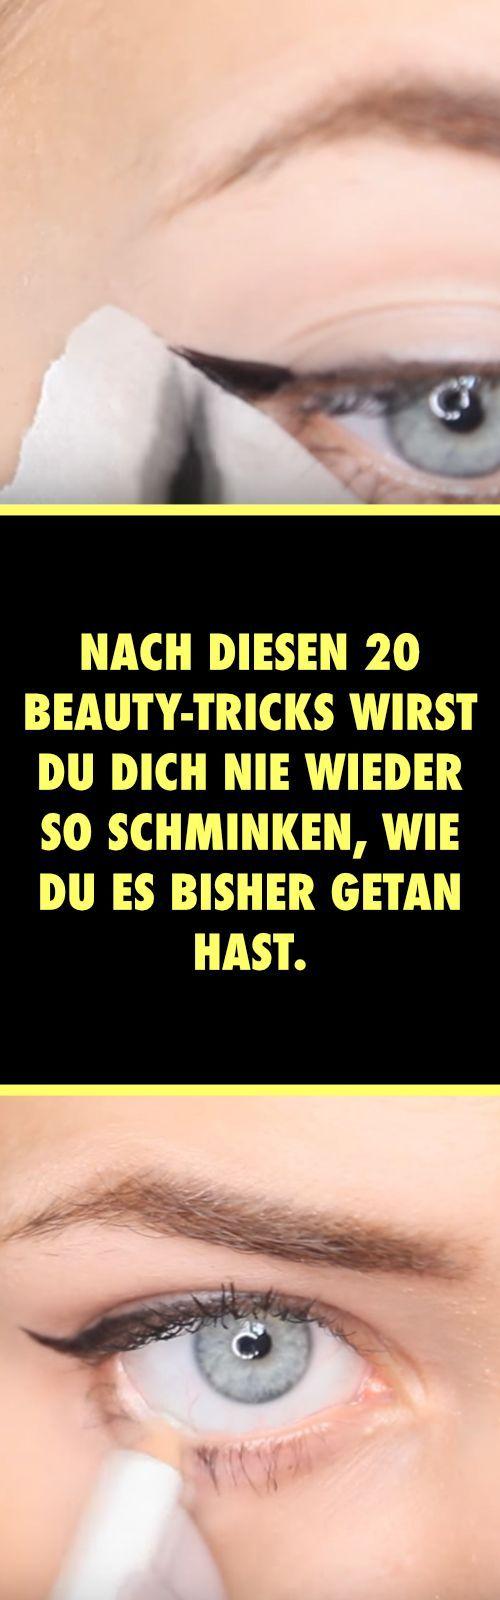 Nach diesen 20 Beauty-Tricks wirst du dich nie wieder so schminken, wie du es bisher getan hast.